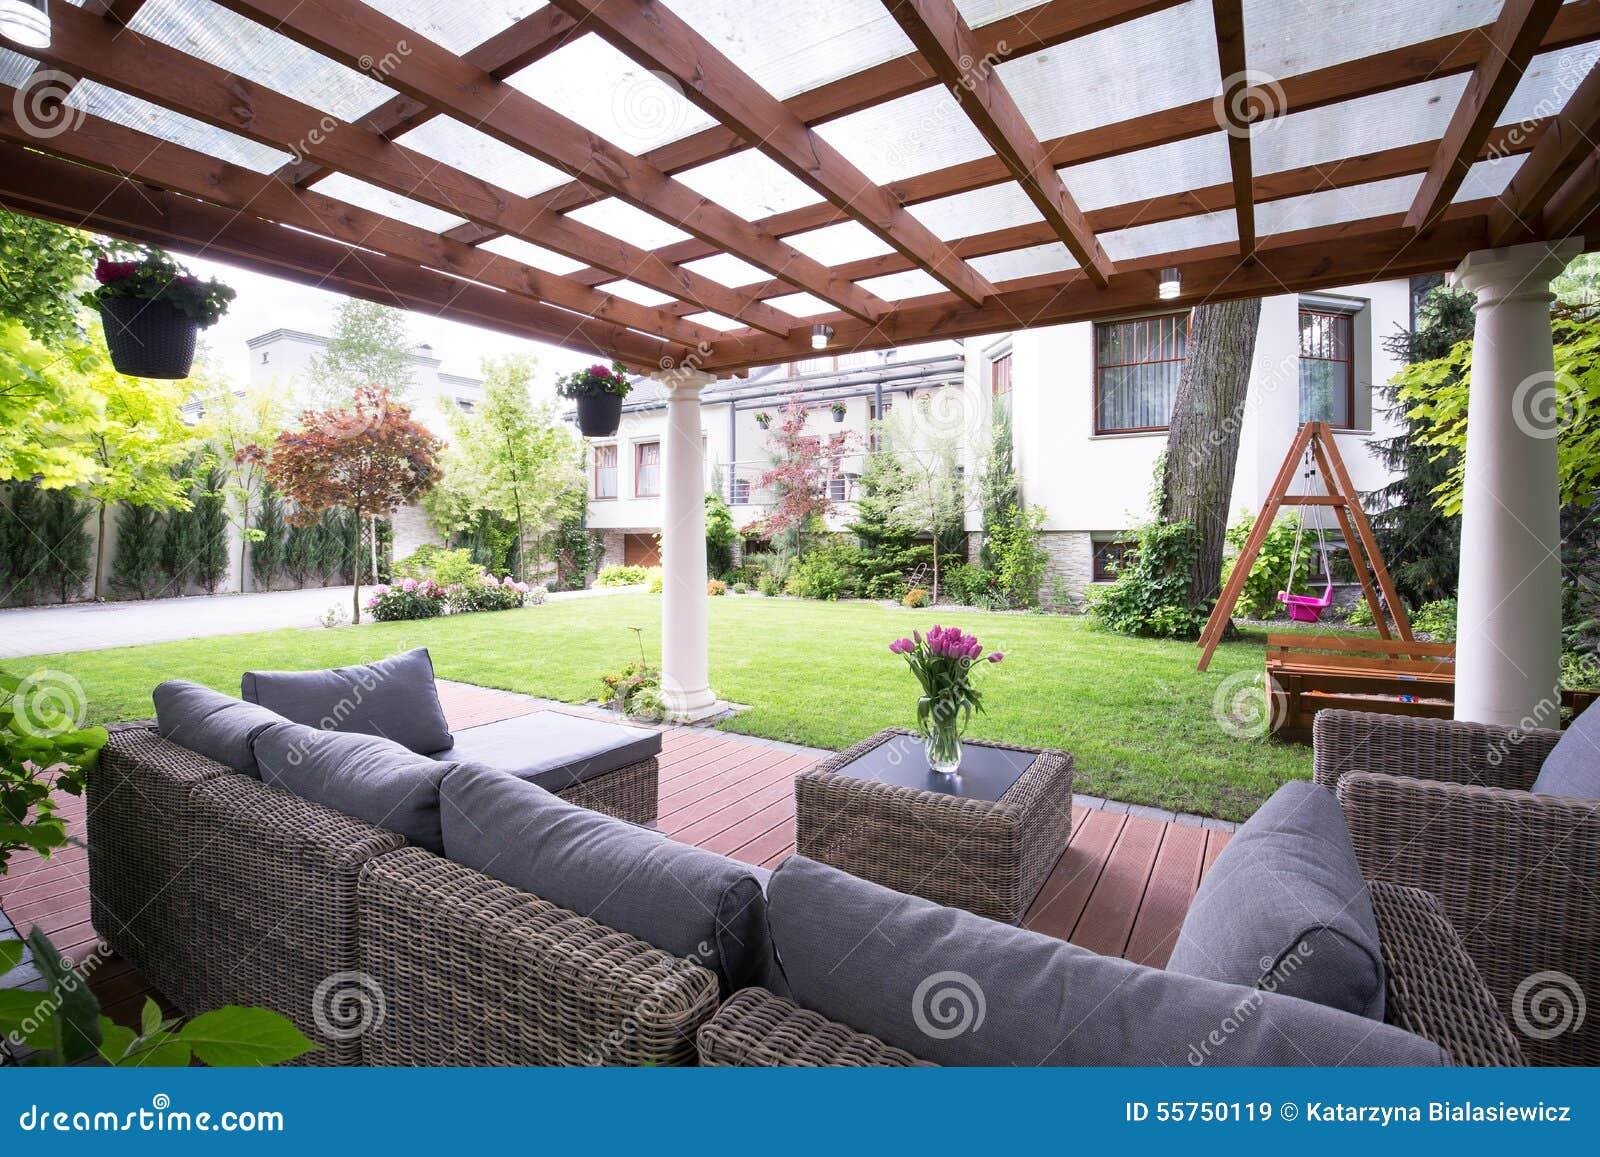 supporto conico moderno con mobili da giardino immagine